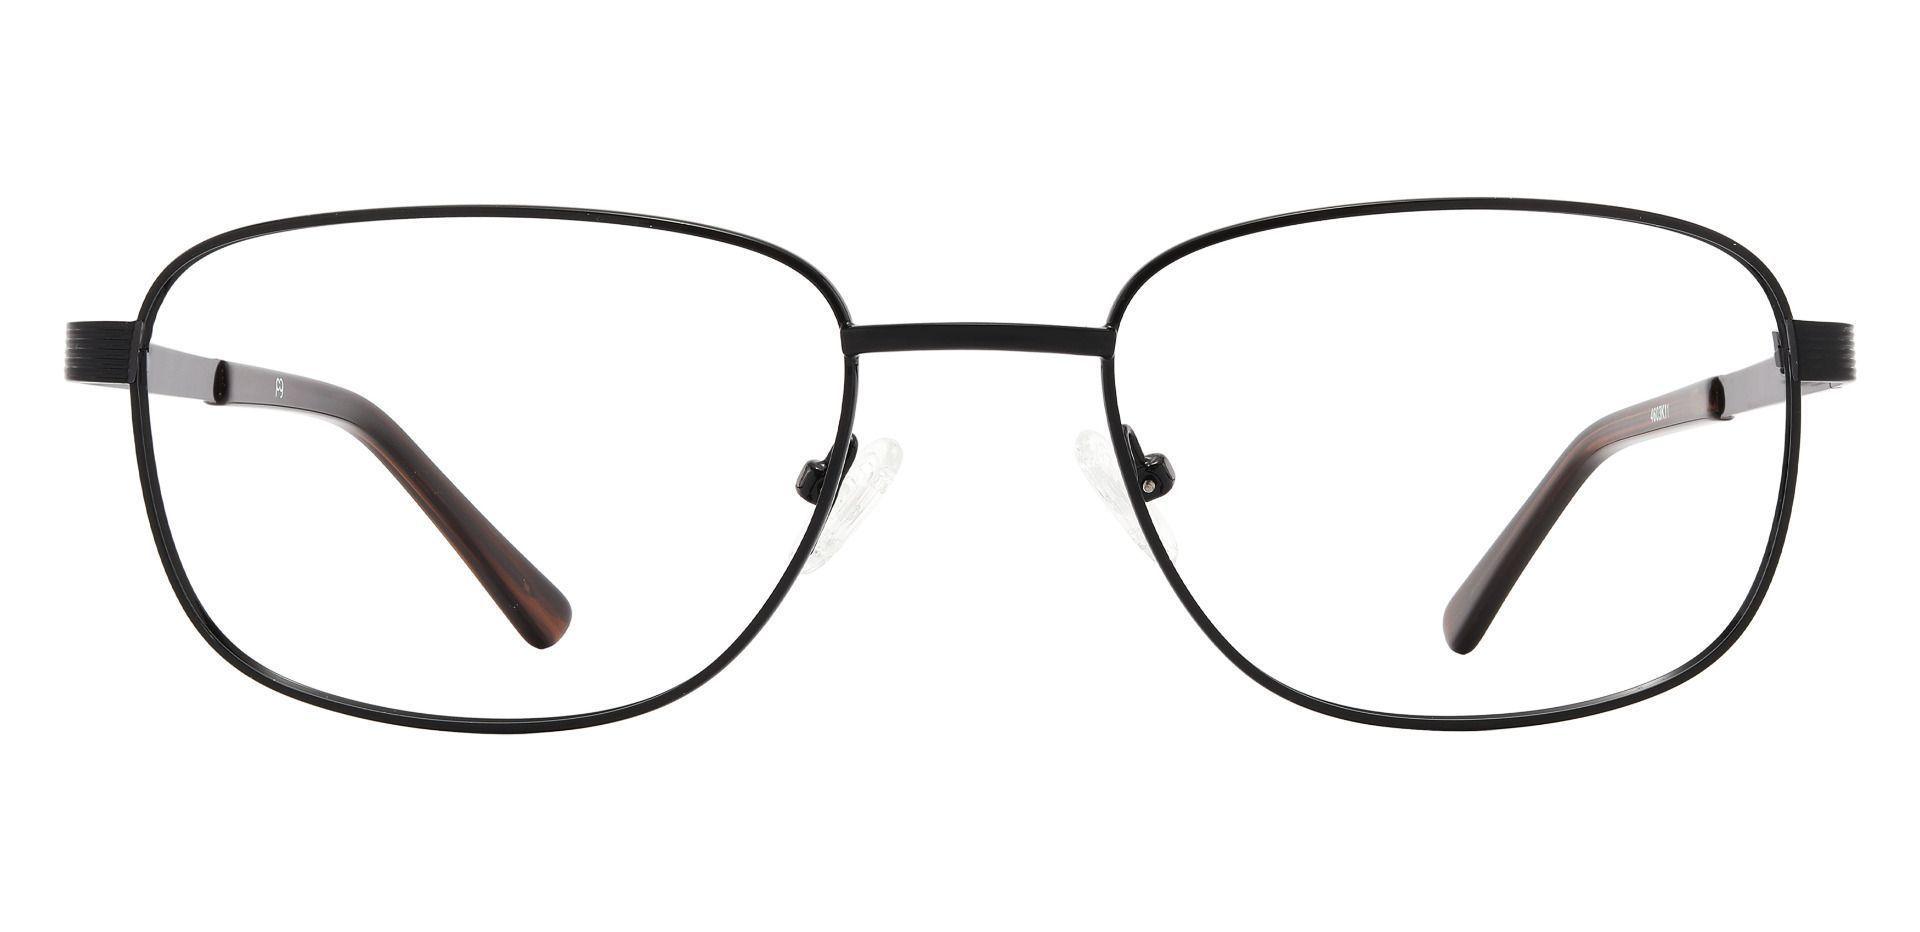 Leopold Oval Prescription Glasses - Black